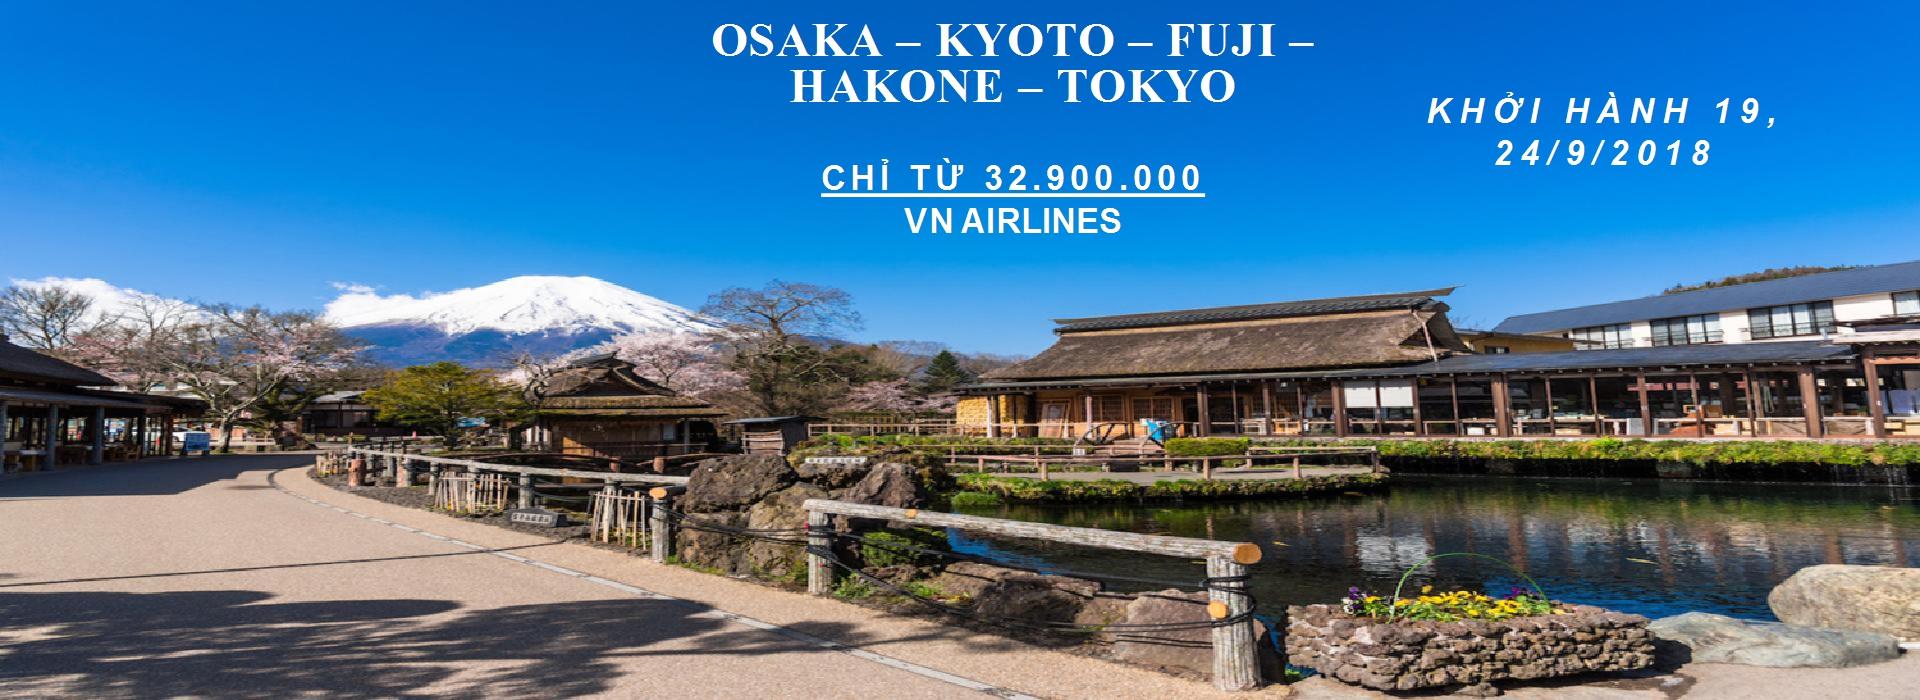 OSAKA – KYOTO – FUJI – HAKONE – TOKYO